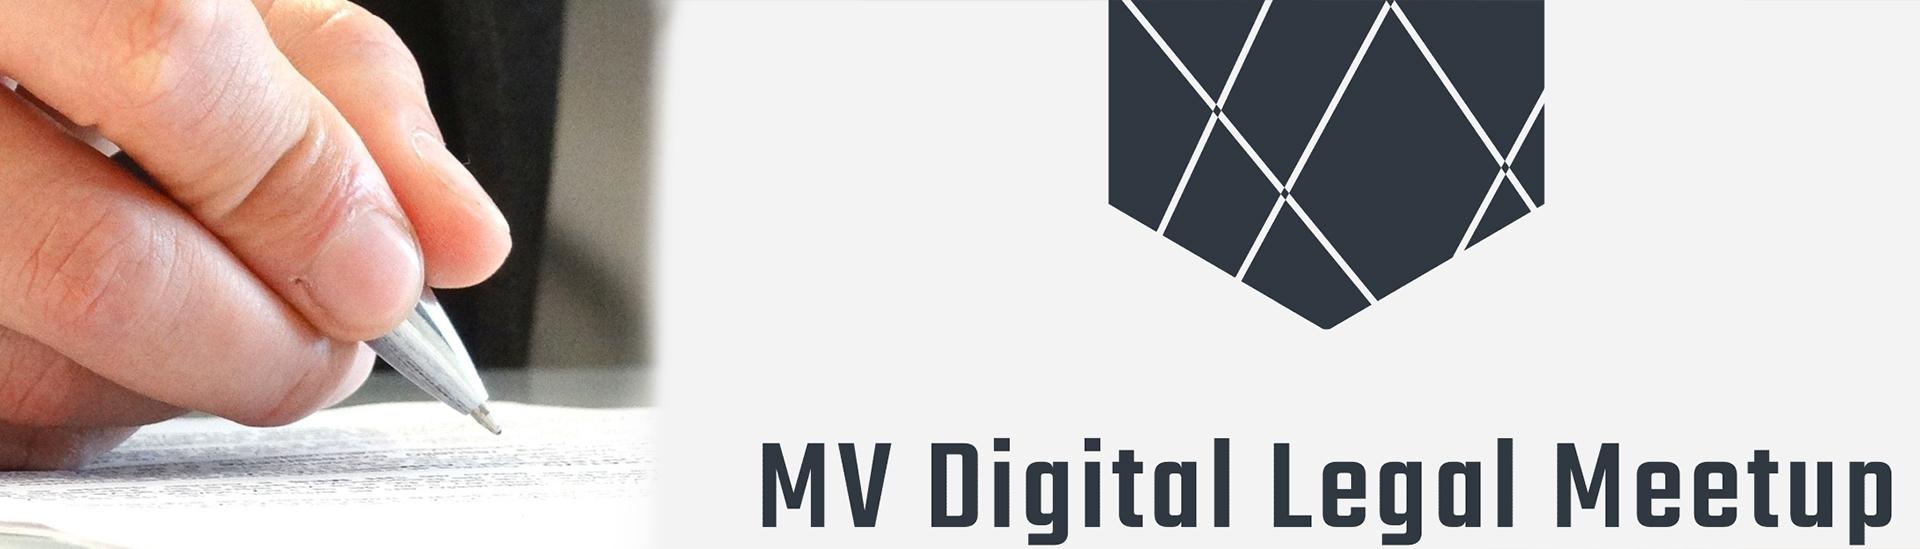 MV Digital Legal Meetup